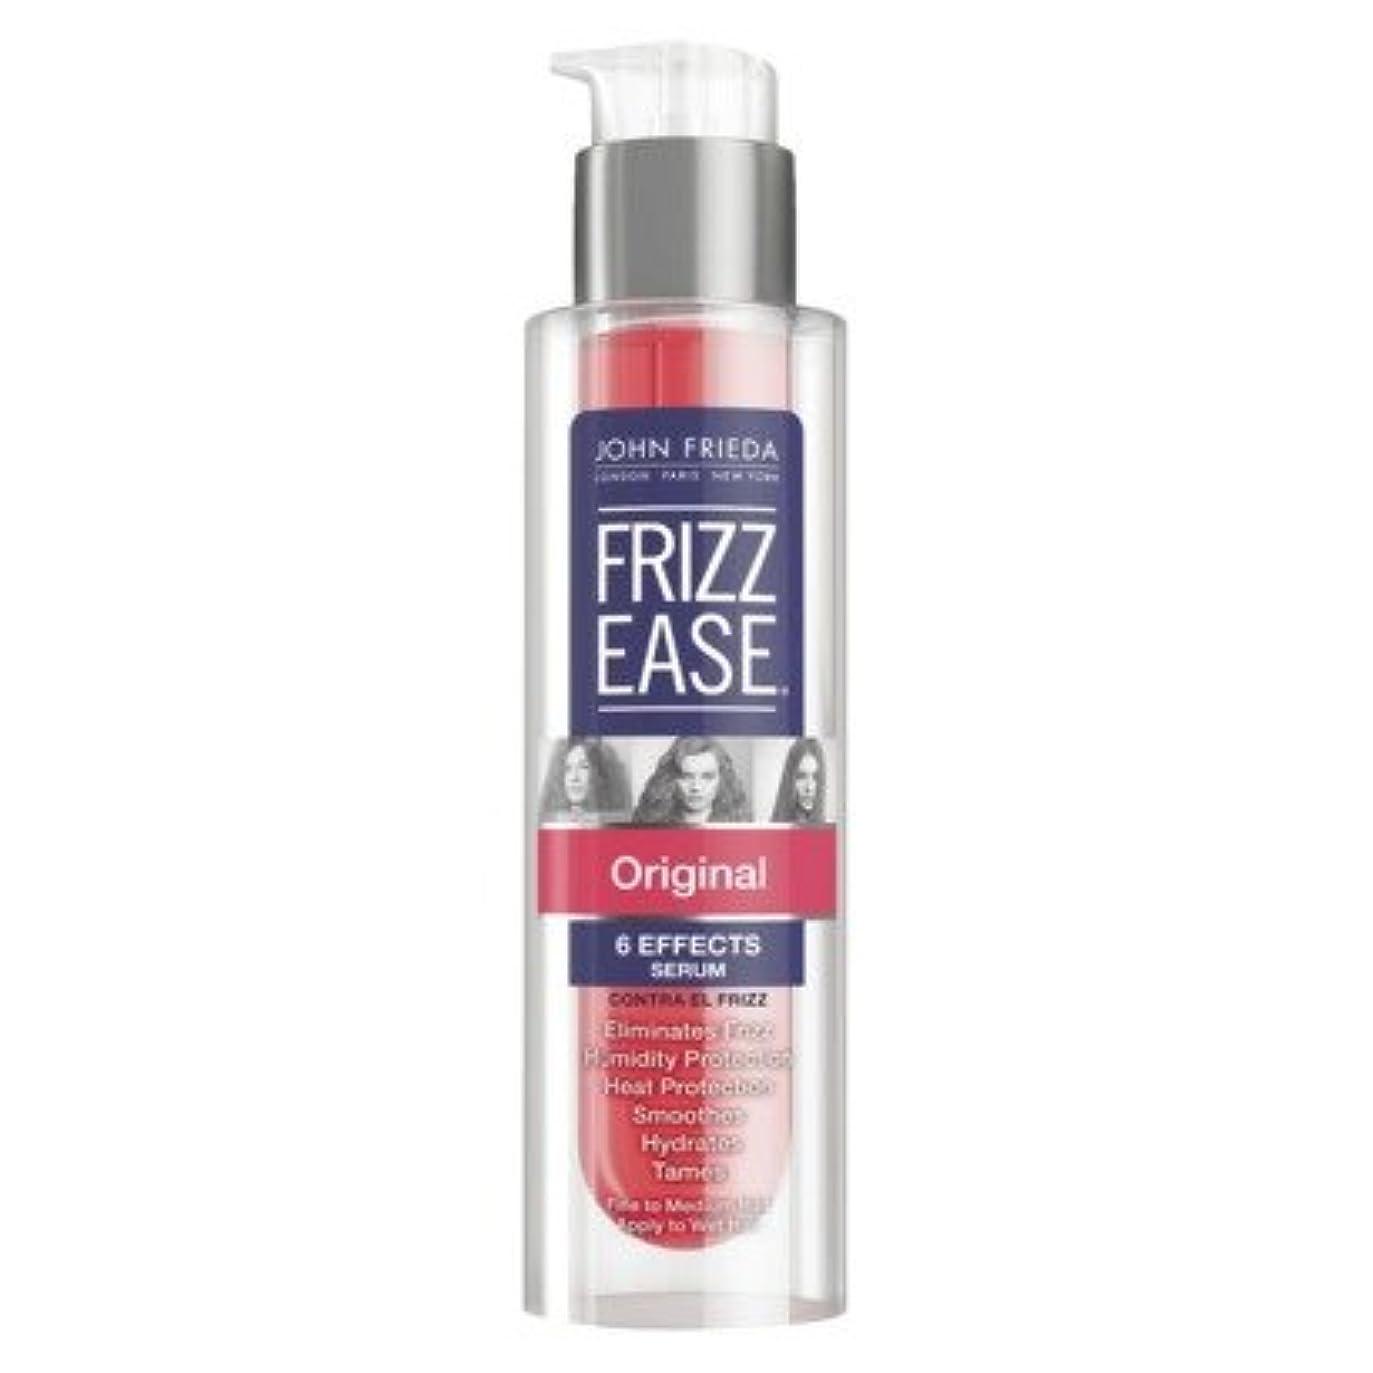 開梱出口上院John Frieda Frizz-Ease Hair Serum, Original Formula - 1.69 fl oz (49ml)